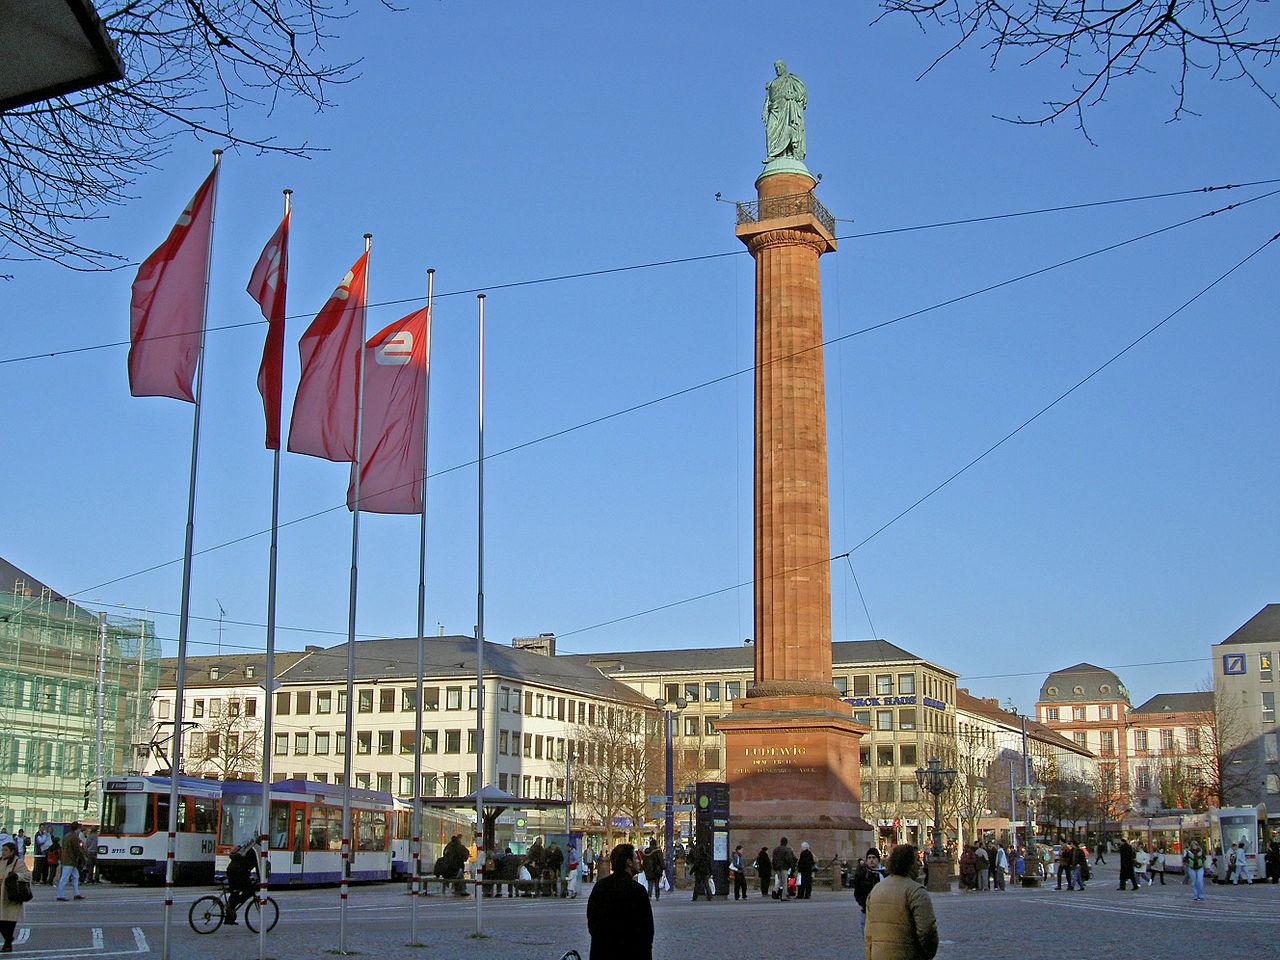 Central Darmstadt